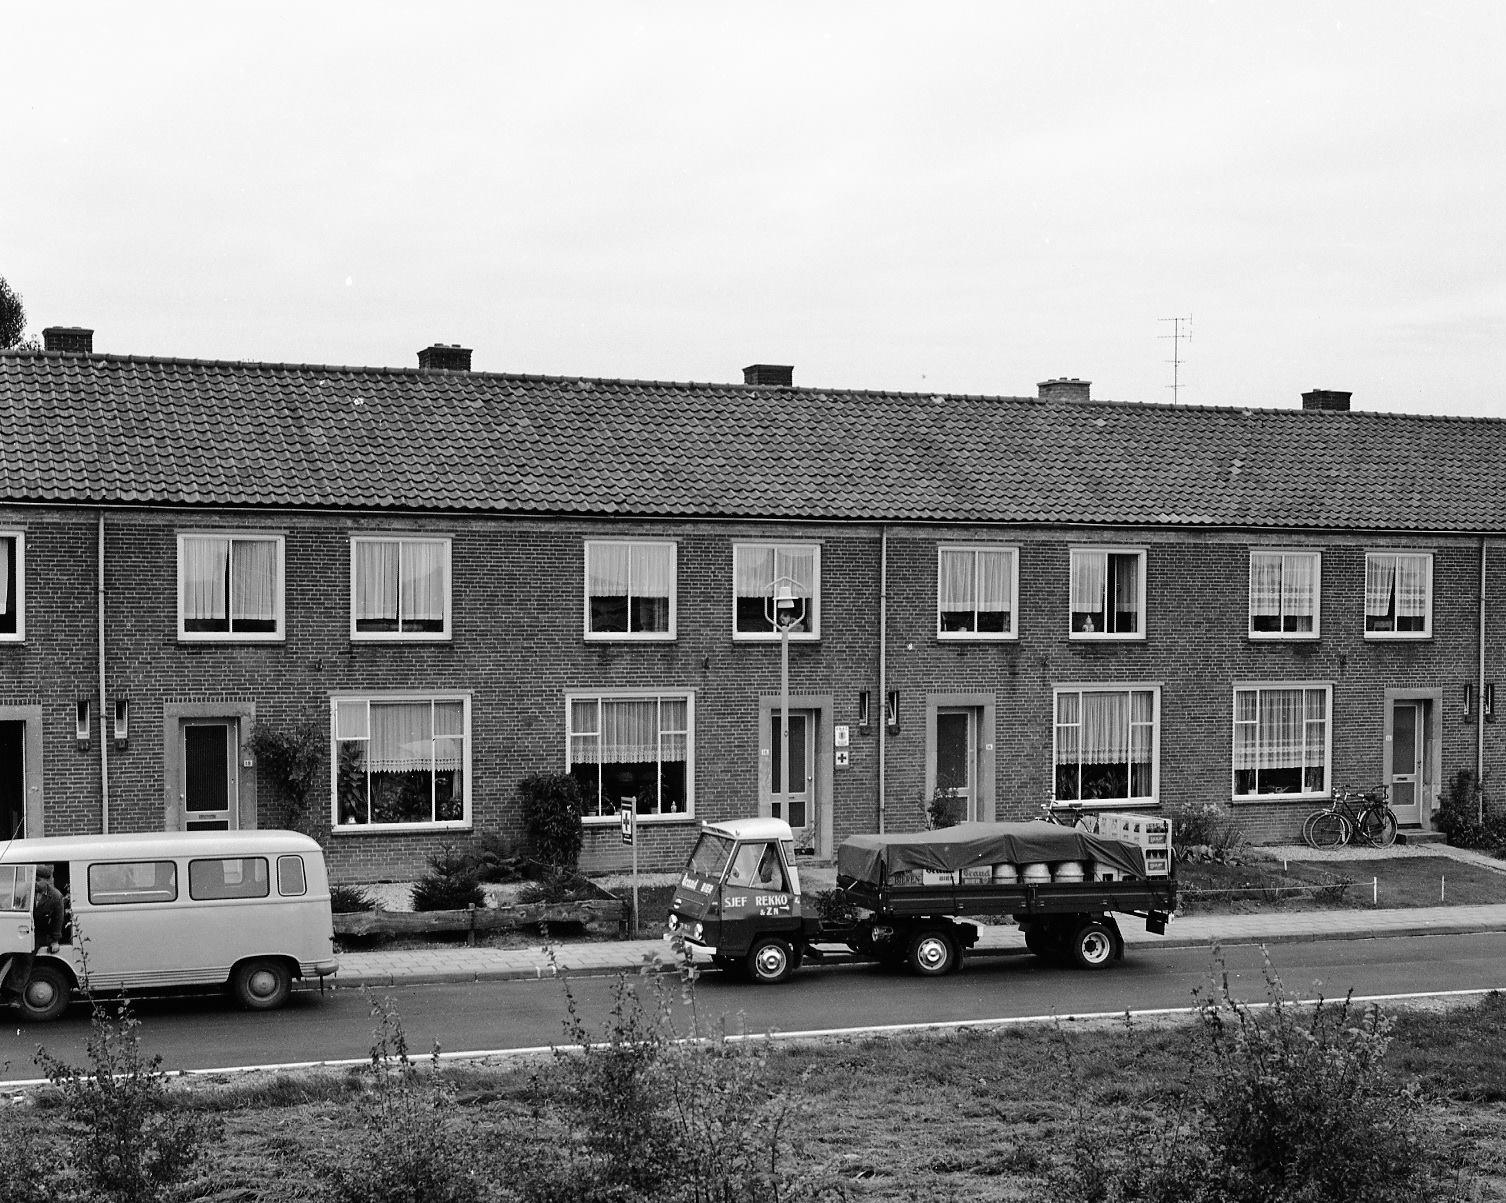 Daf-Pony-de-eerste-van-Nederland-met-oplegger-deze-foto-is-gemaakt-door-de-fotograaf-van-DAF-voor-het-dafblad-1